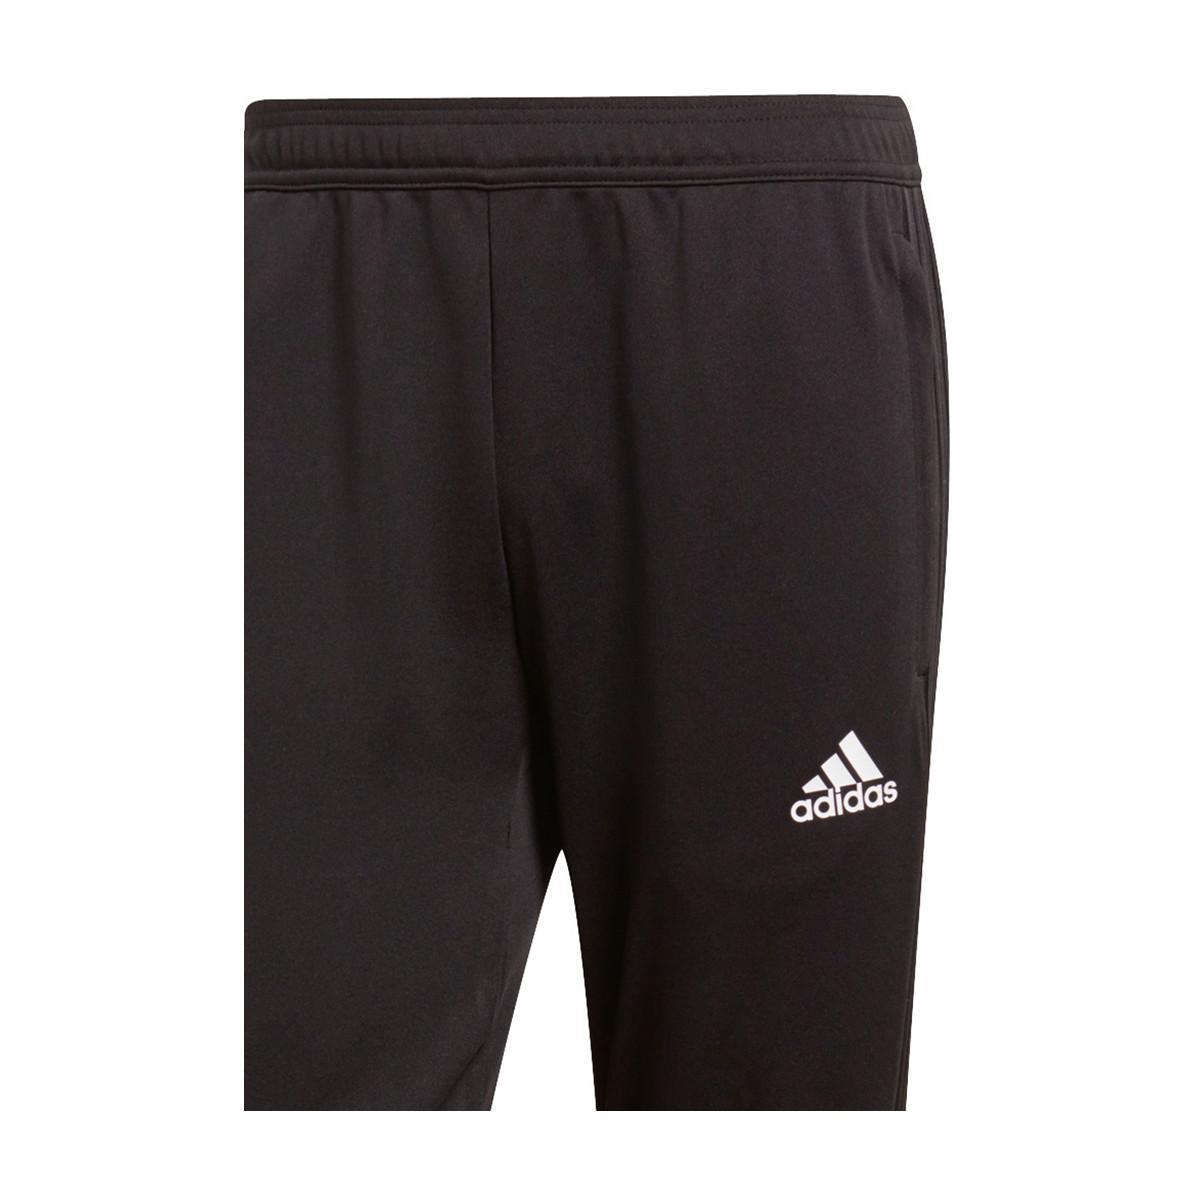 adidas Trainingsbroek Condivo 18 Training Pant in het Zwart voor heren